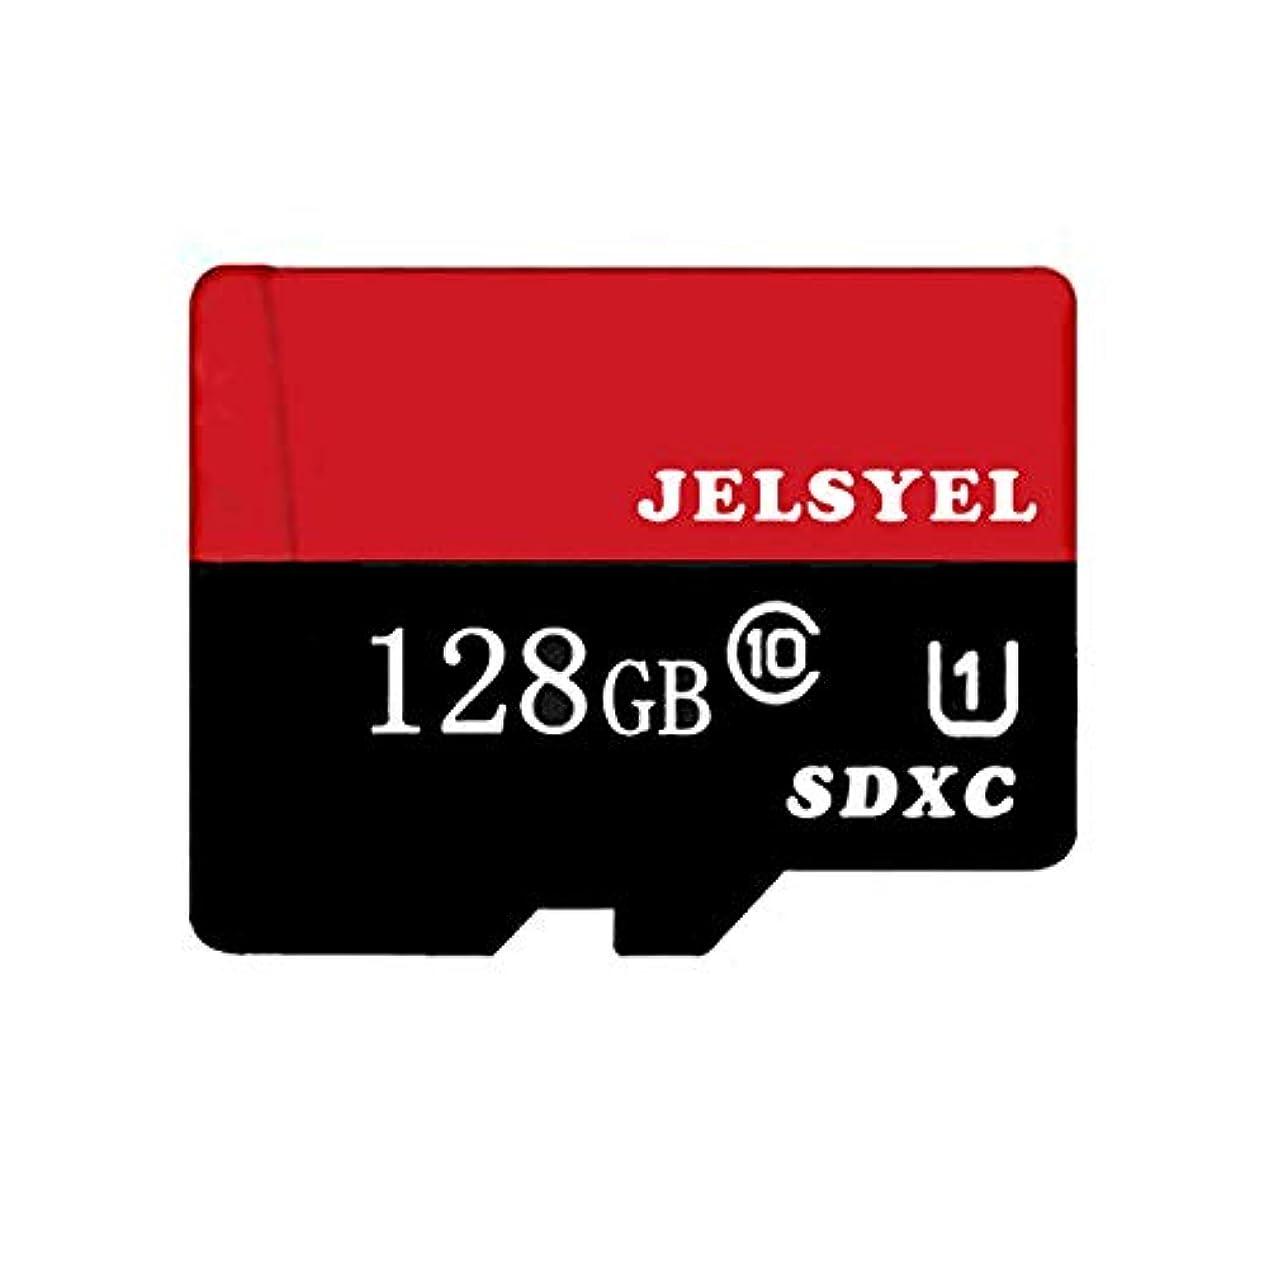 捧げるスクラッチアボートメモリSD TF SDXCカードギガバイト 128ギガバイトクラス10フラッシュマイクロ カードSDアダプタ付き携帯電話、タブレットPC (128GB, 赤黒い)